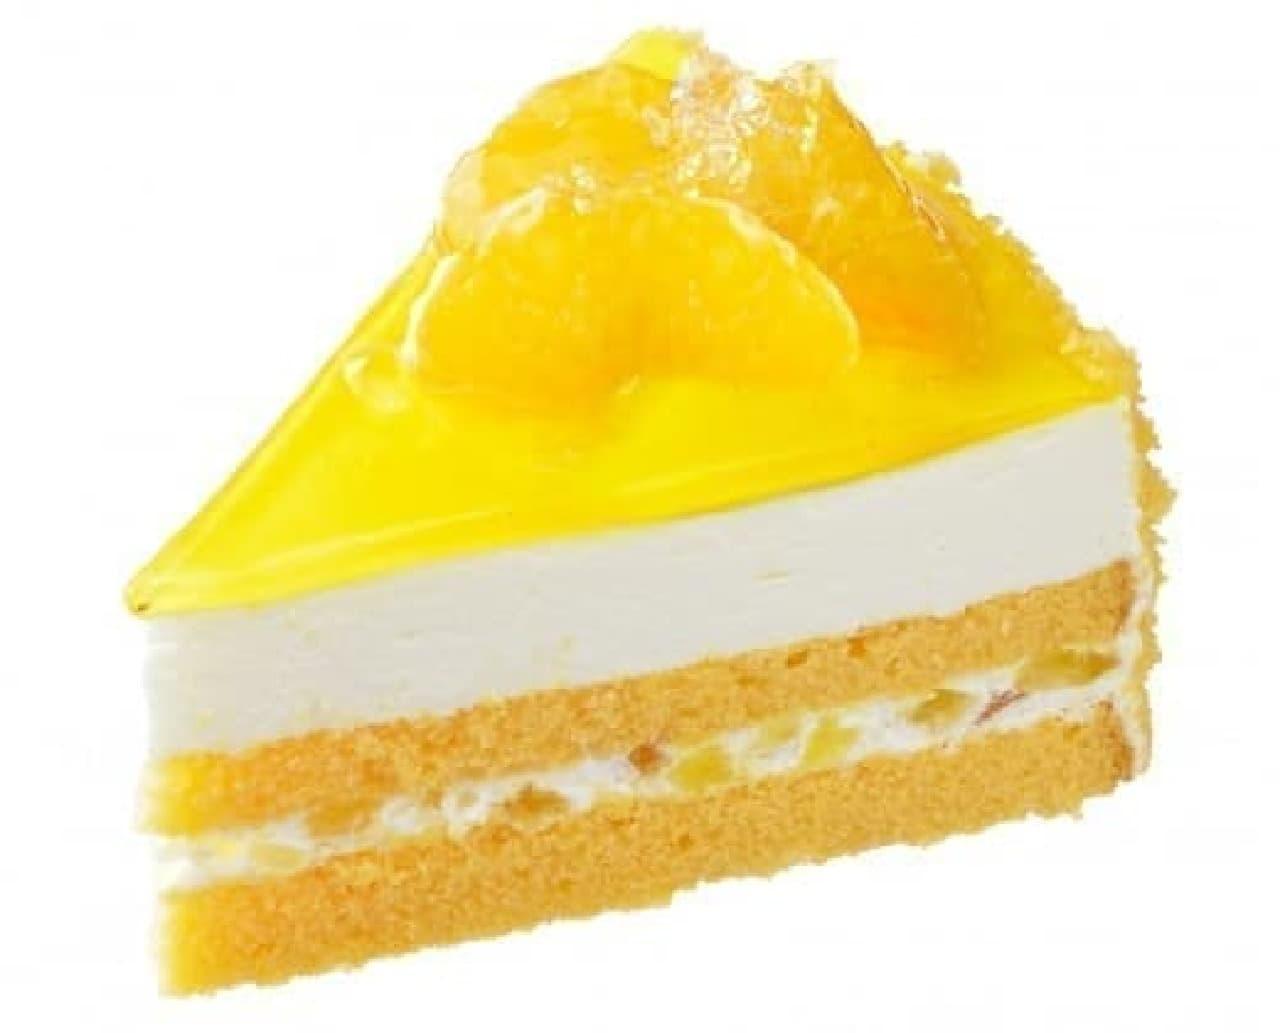 銀座コージーコーナー「清見オレンジのレアチーズ」